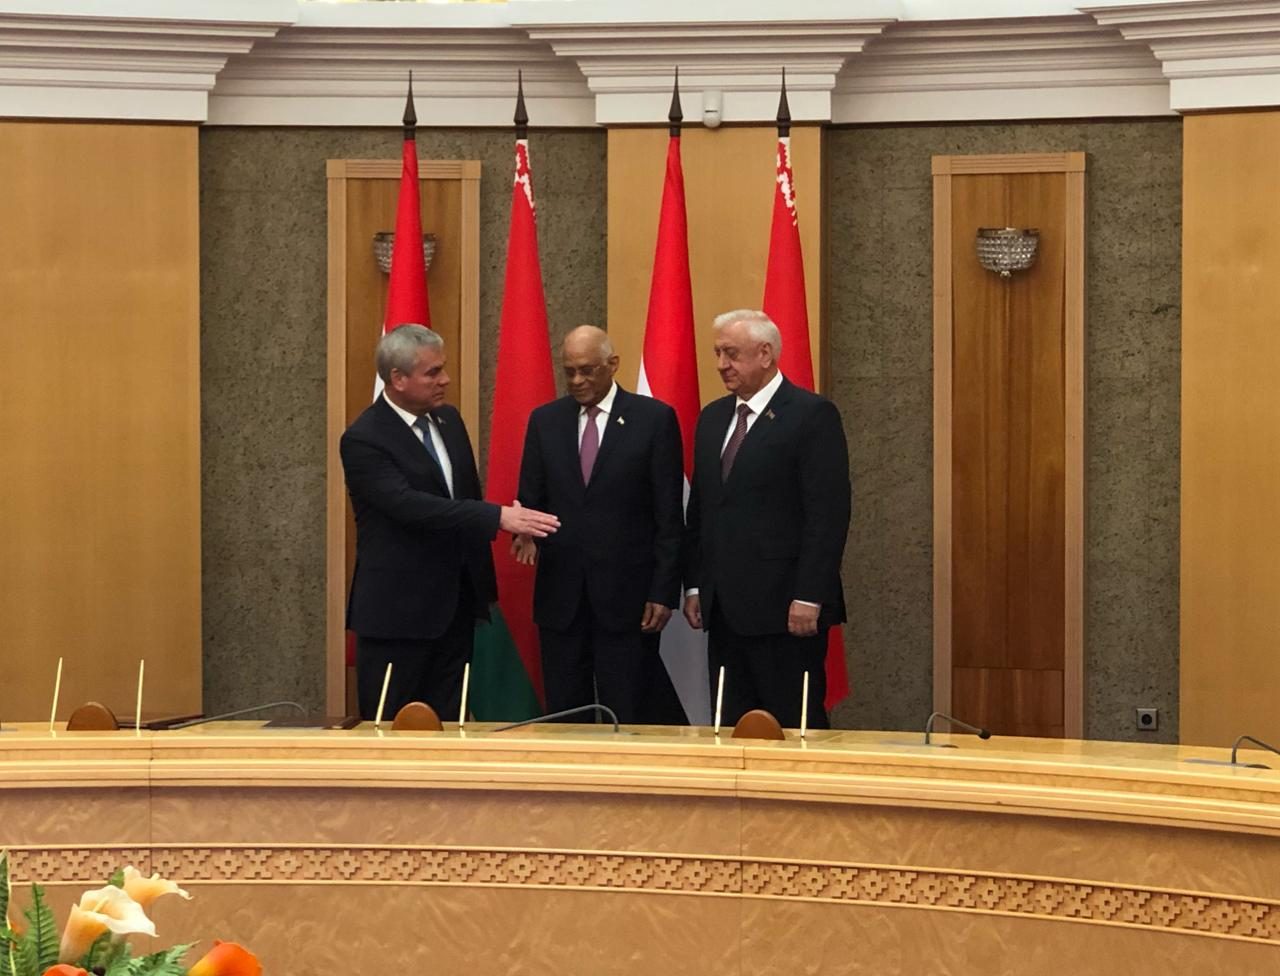 الدكتور على عبد العال يلتقي رئيسى غرفتى برلمان بيلاروسيا (2)